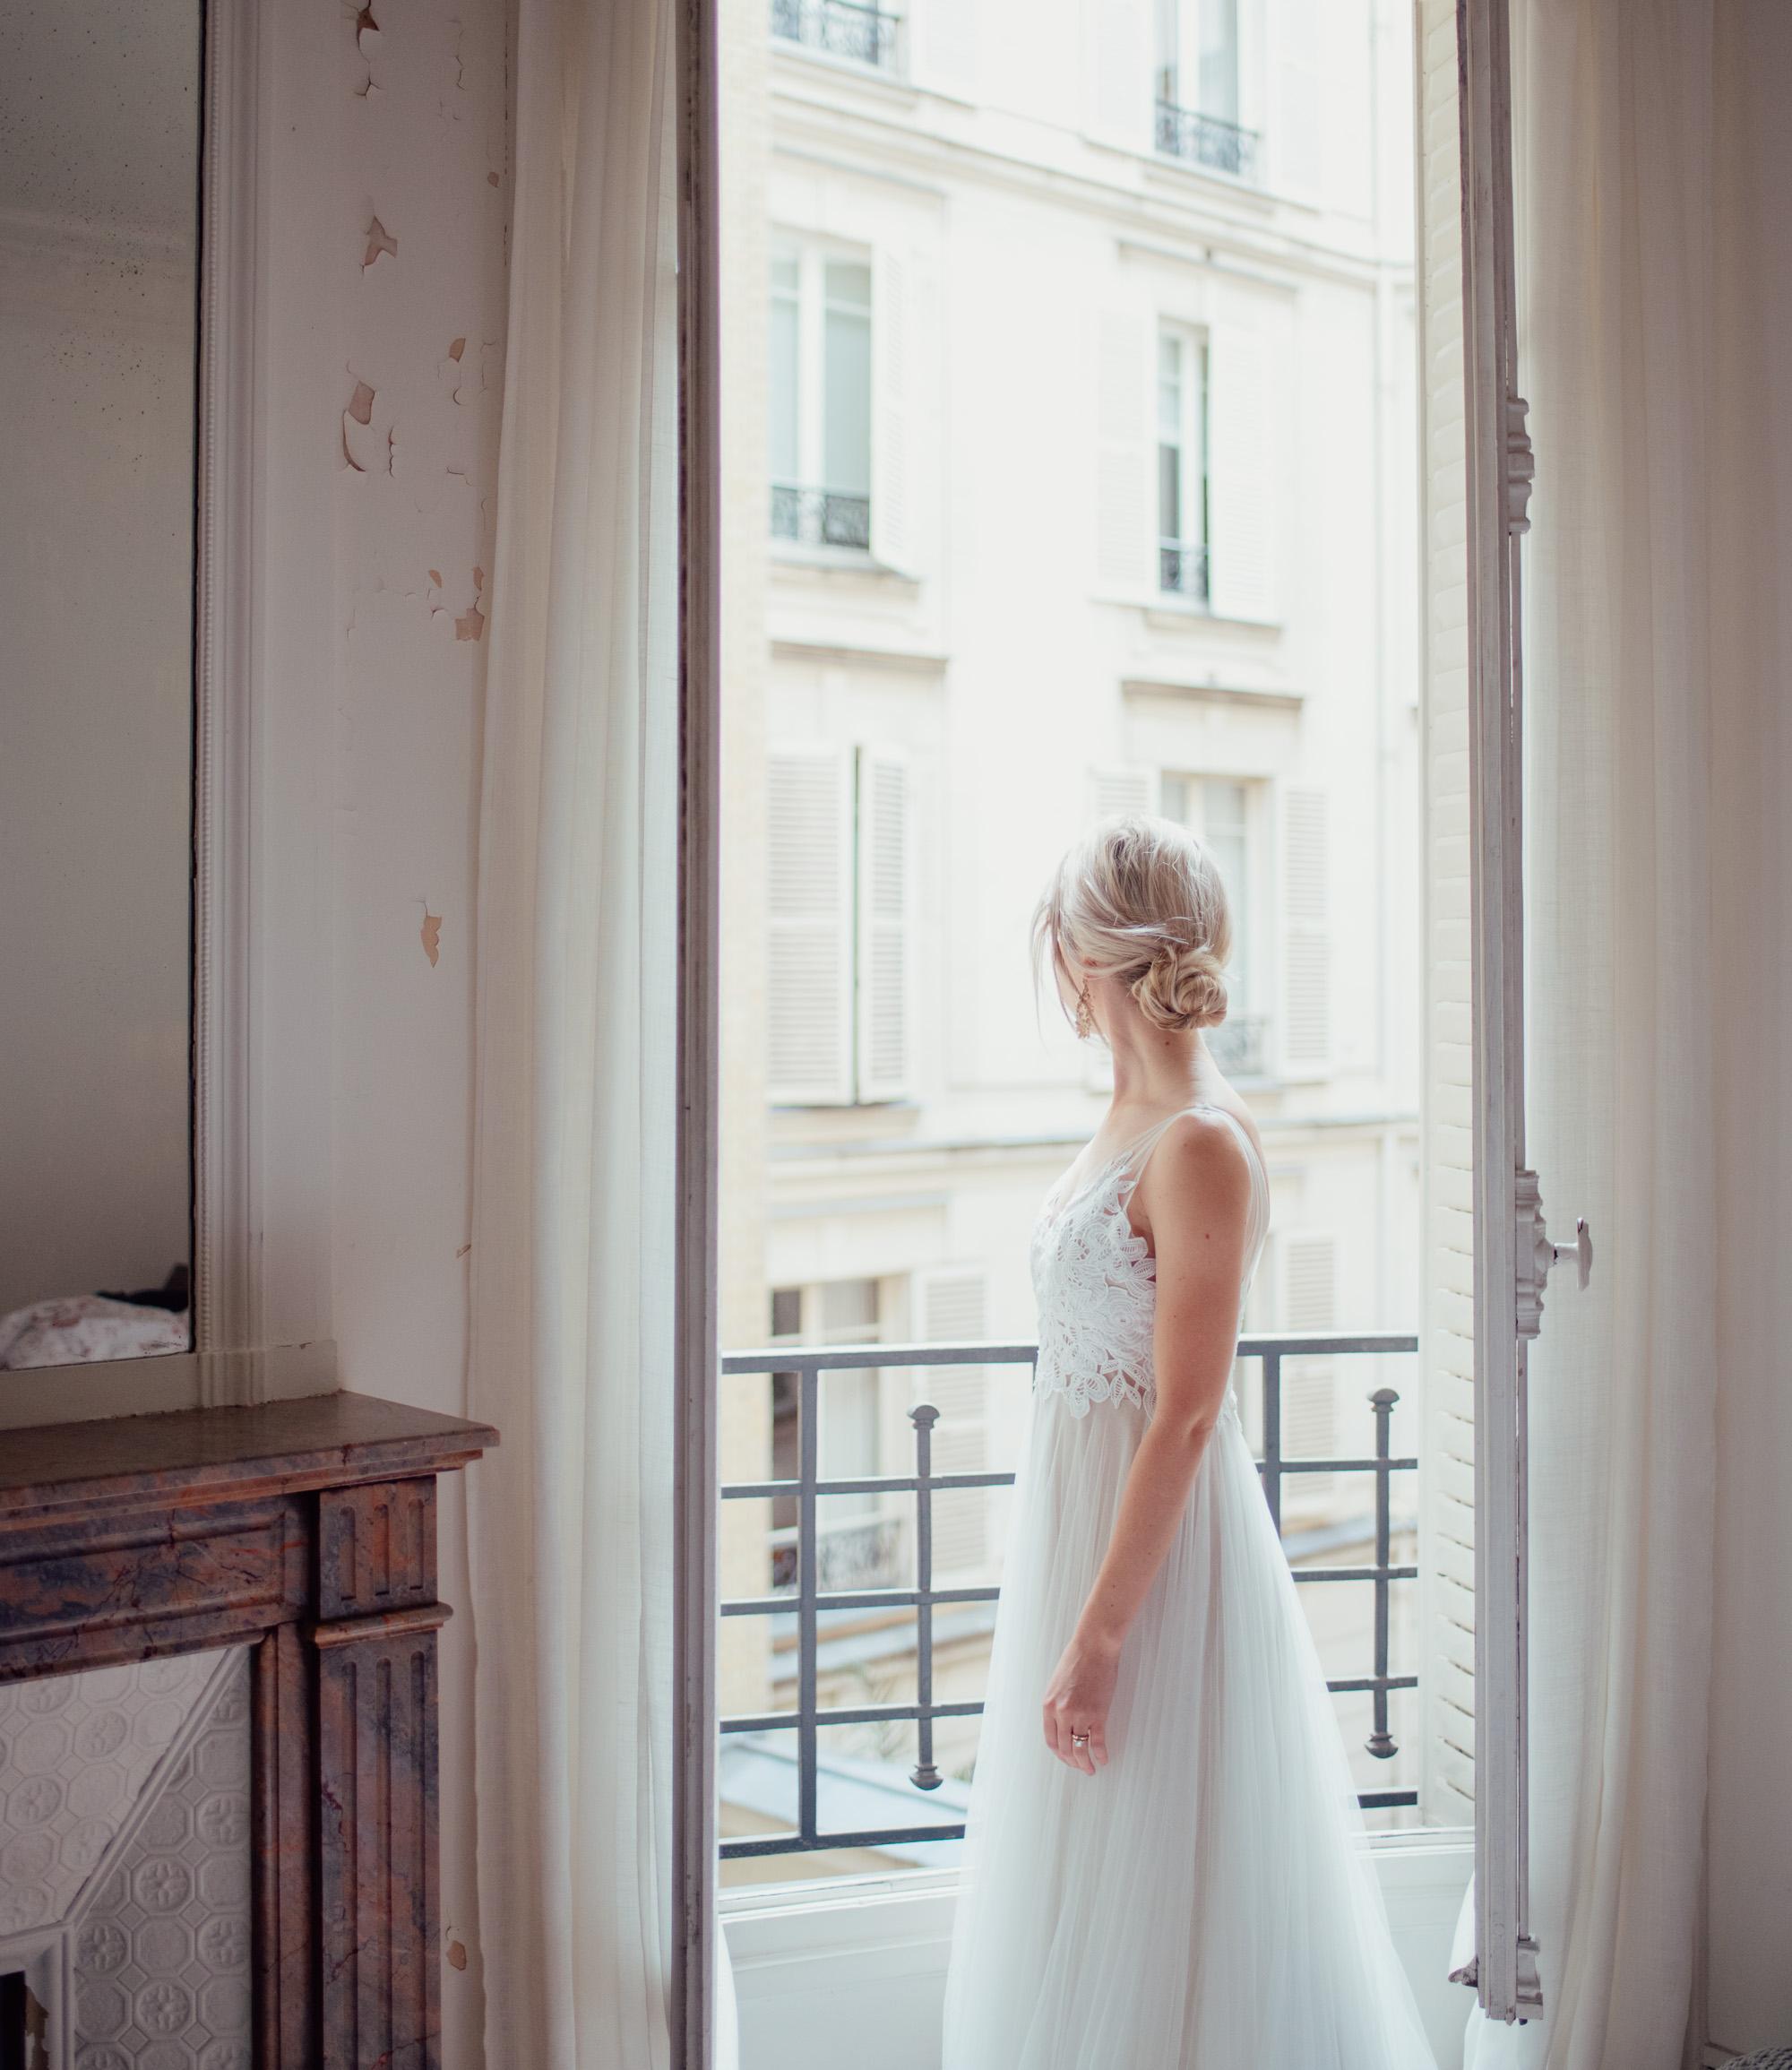 cleland-weddings-paris-4.jpg